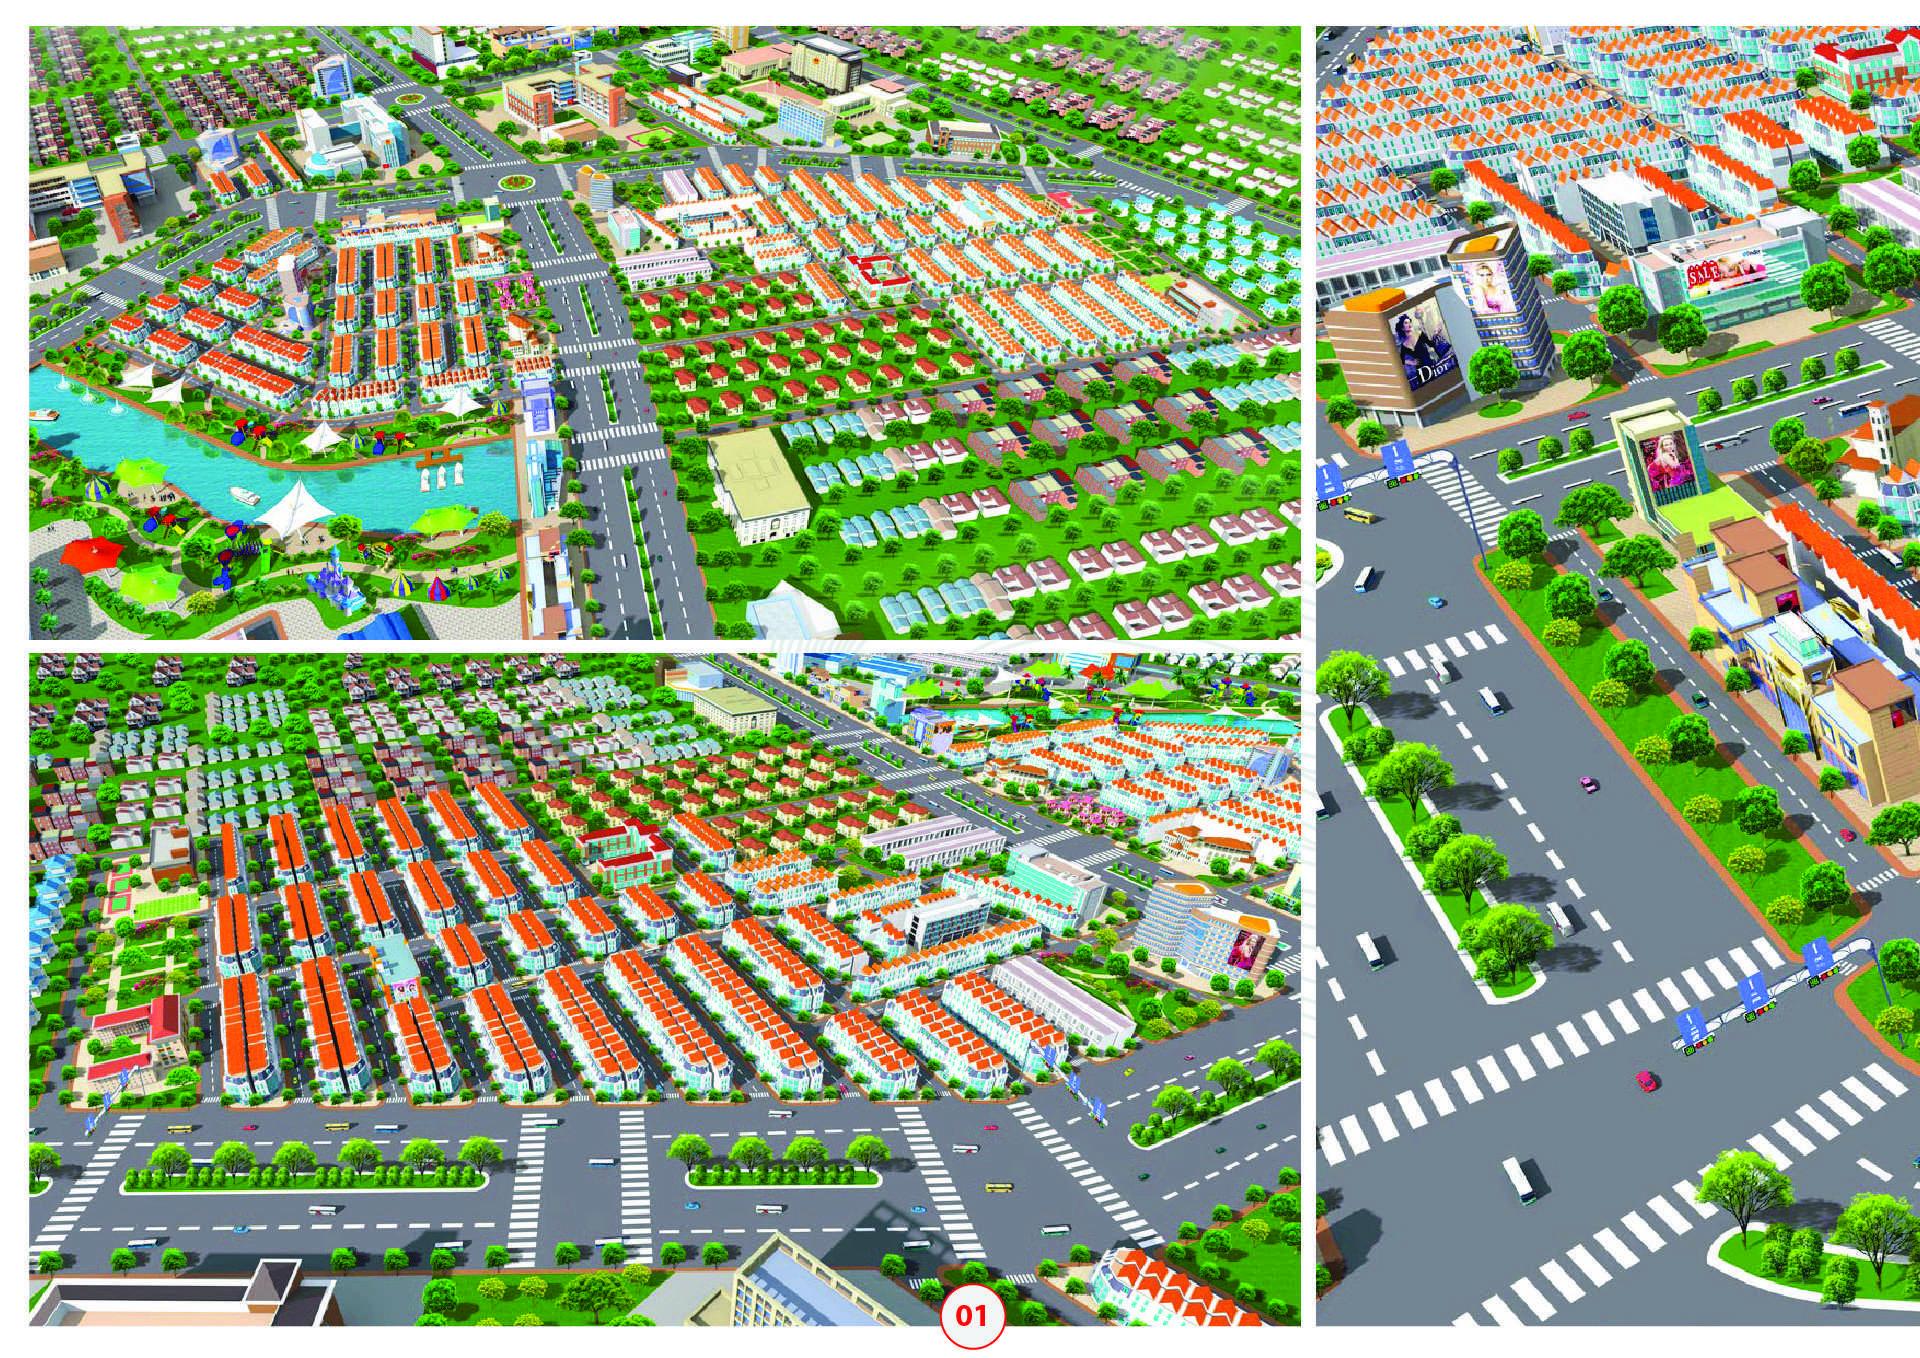 Dự Án Baria City - Tại Sao Dự Án Baria City  Được Nhiều Khách Hàng Đầu Tư